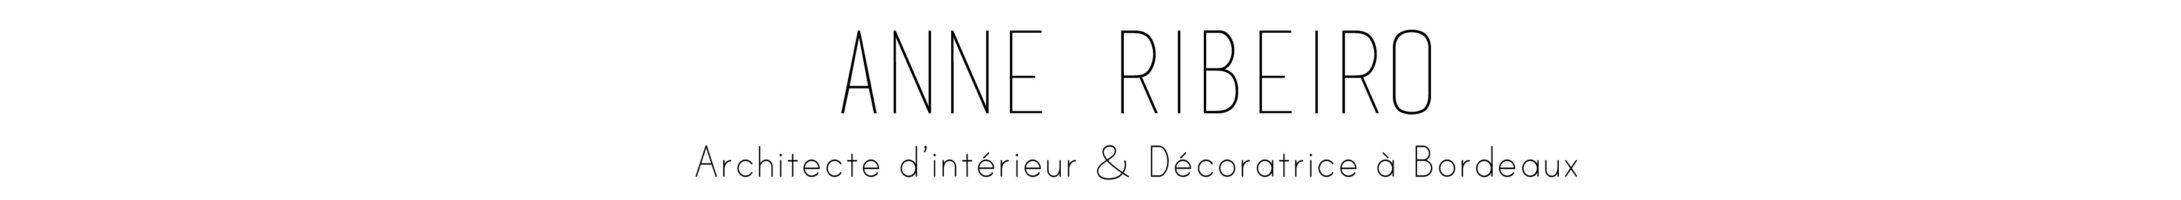 Anne Ribeiro – Architecte & Décoratrice d'intérieur à Bordeaux.